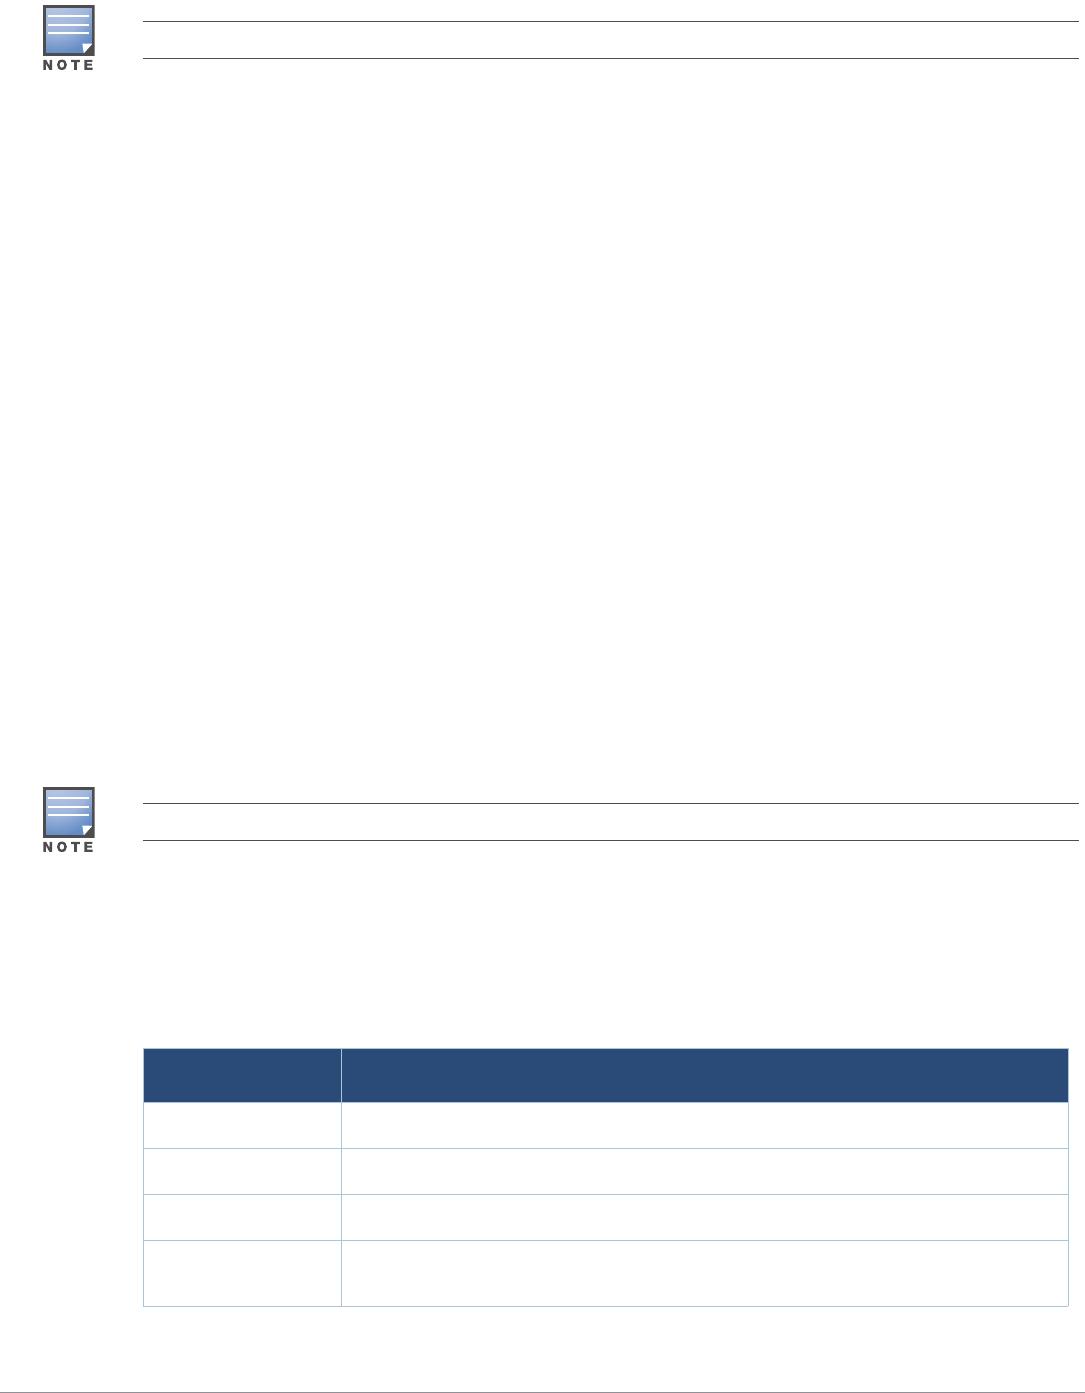 Hewlett Packard Enterprise APIN0318 Access Point User Manual